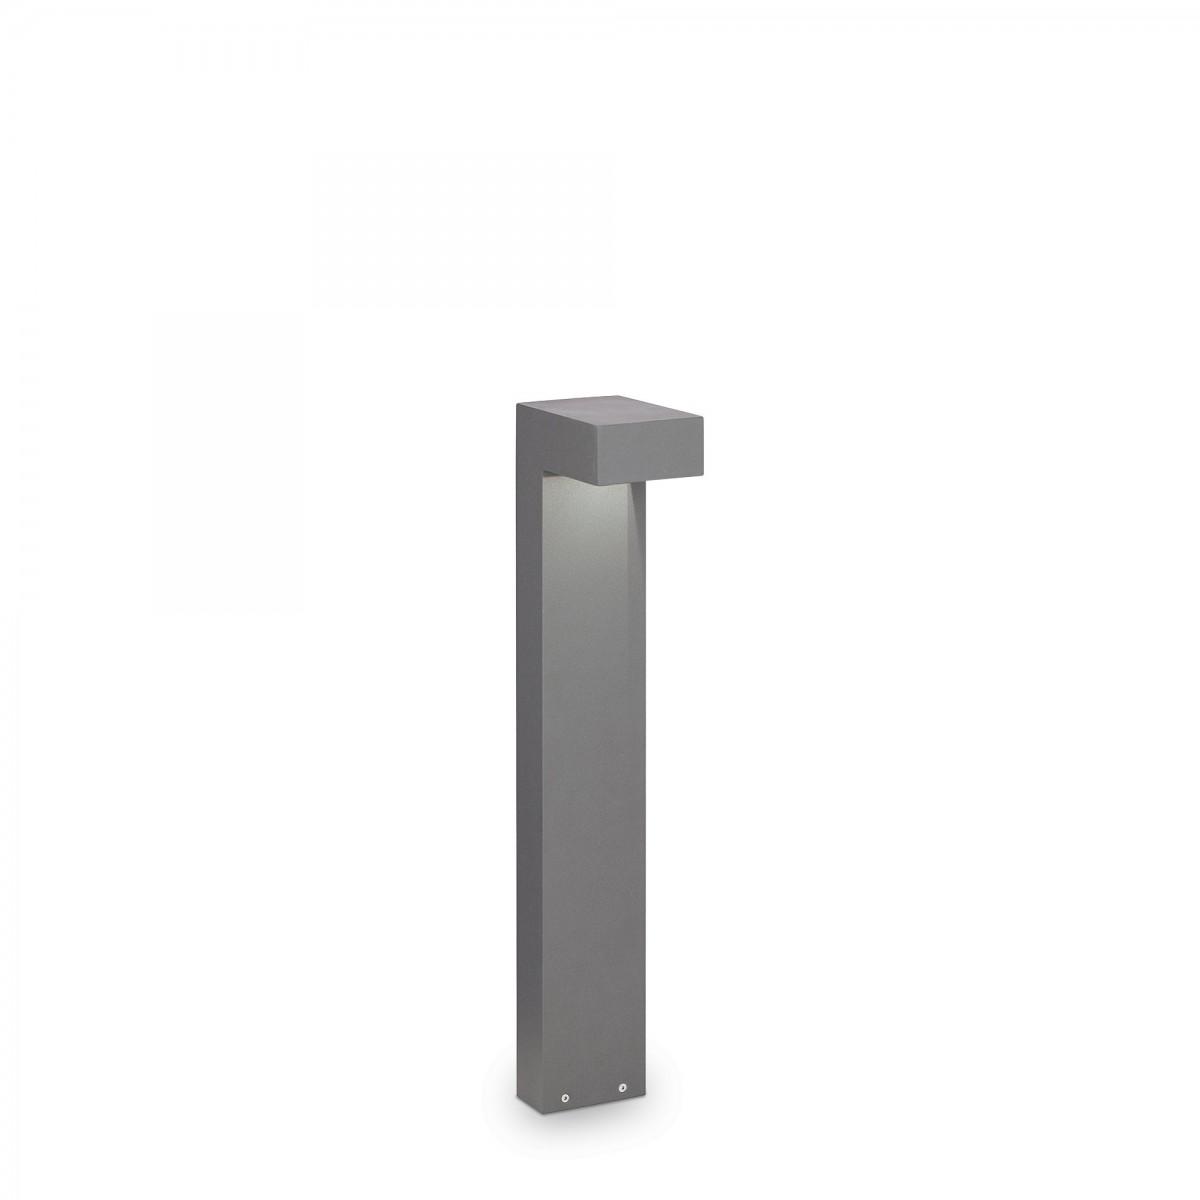 Ideal Lux 246970 zahradní sloupkové svítidlo Sirio Small 2x15W | G9 | IP44 - šedé